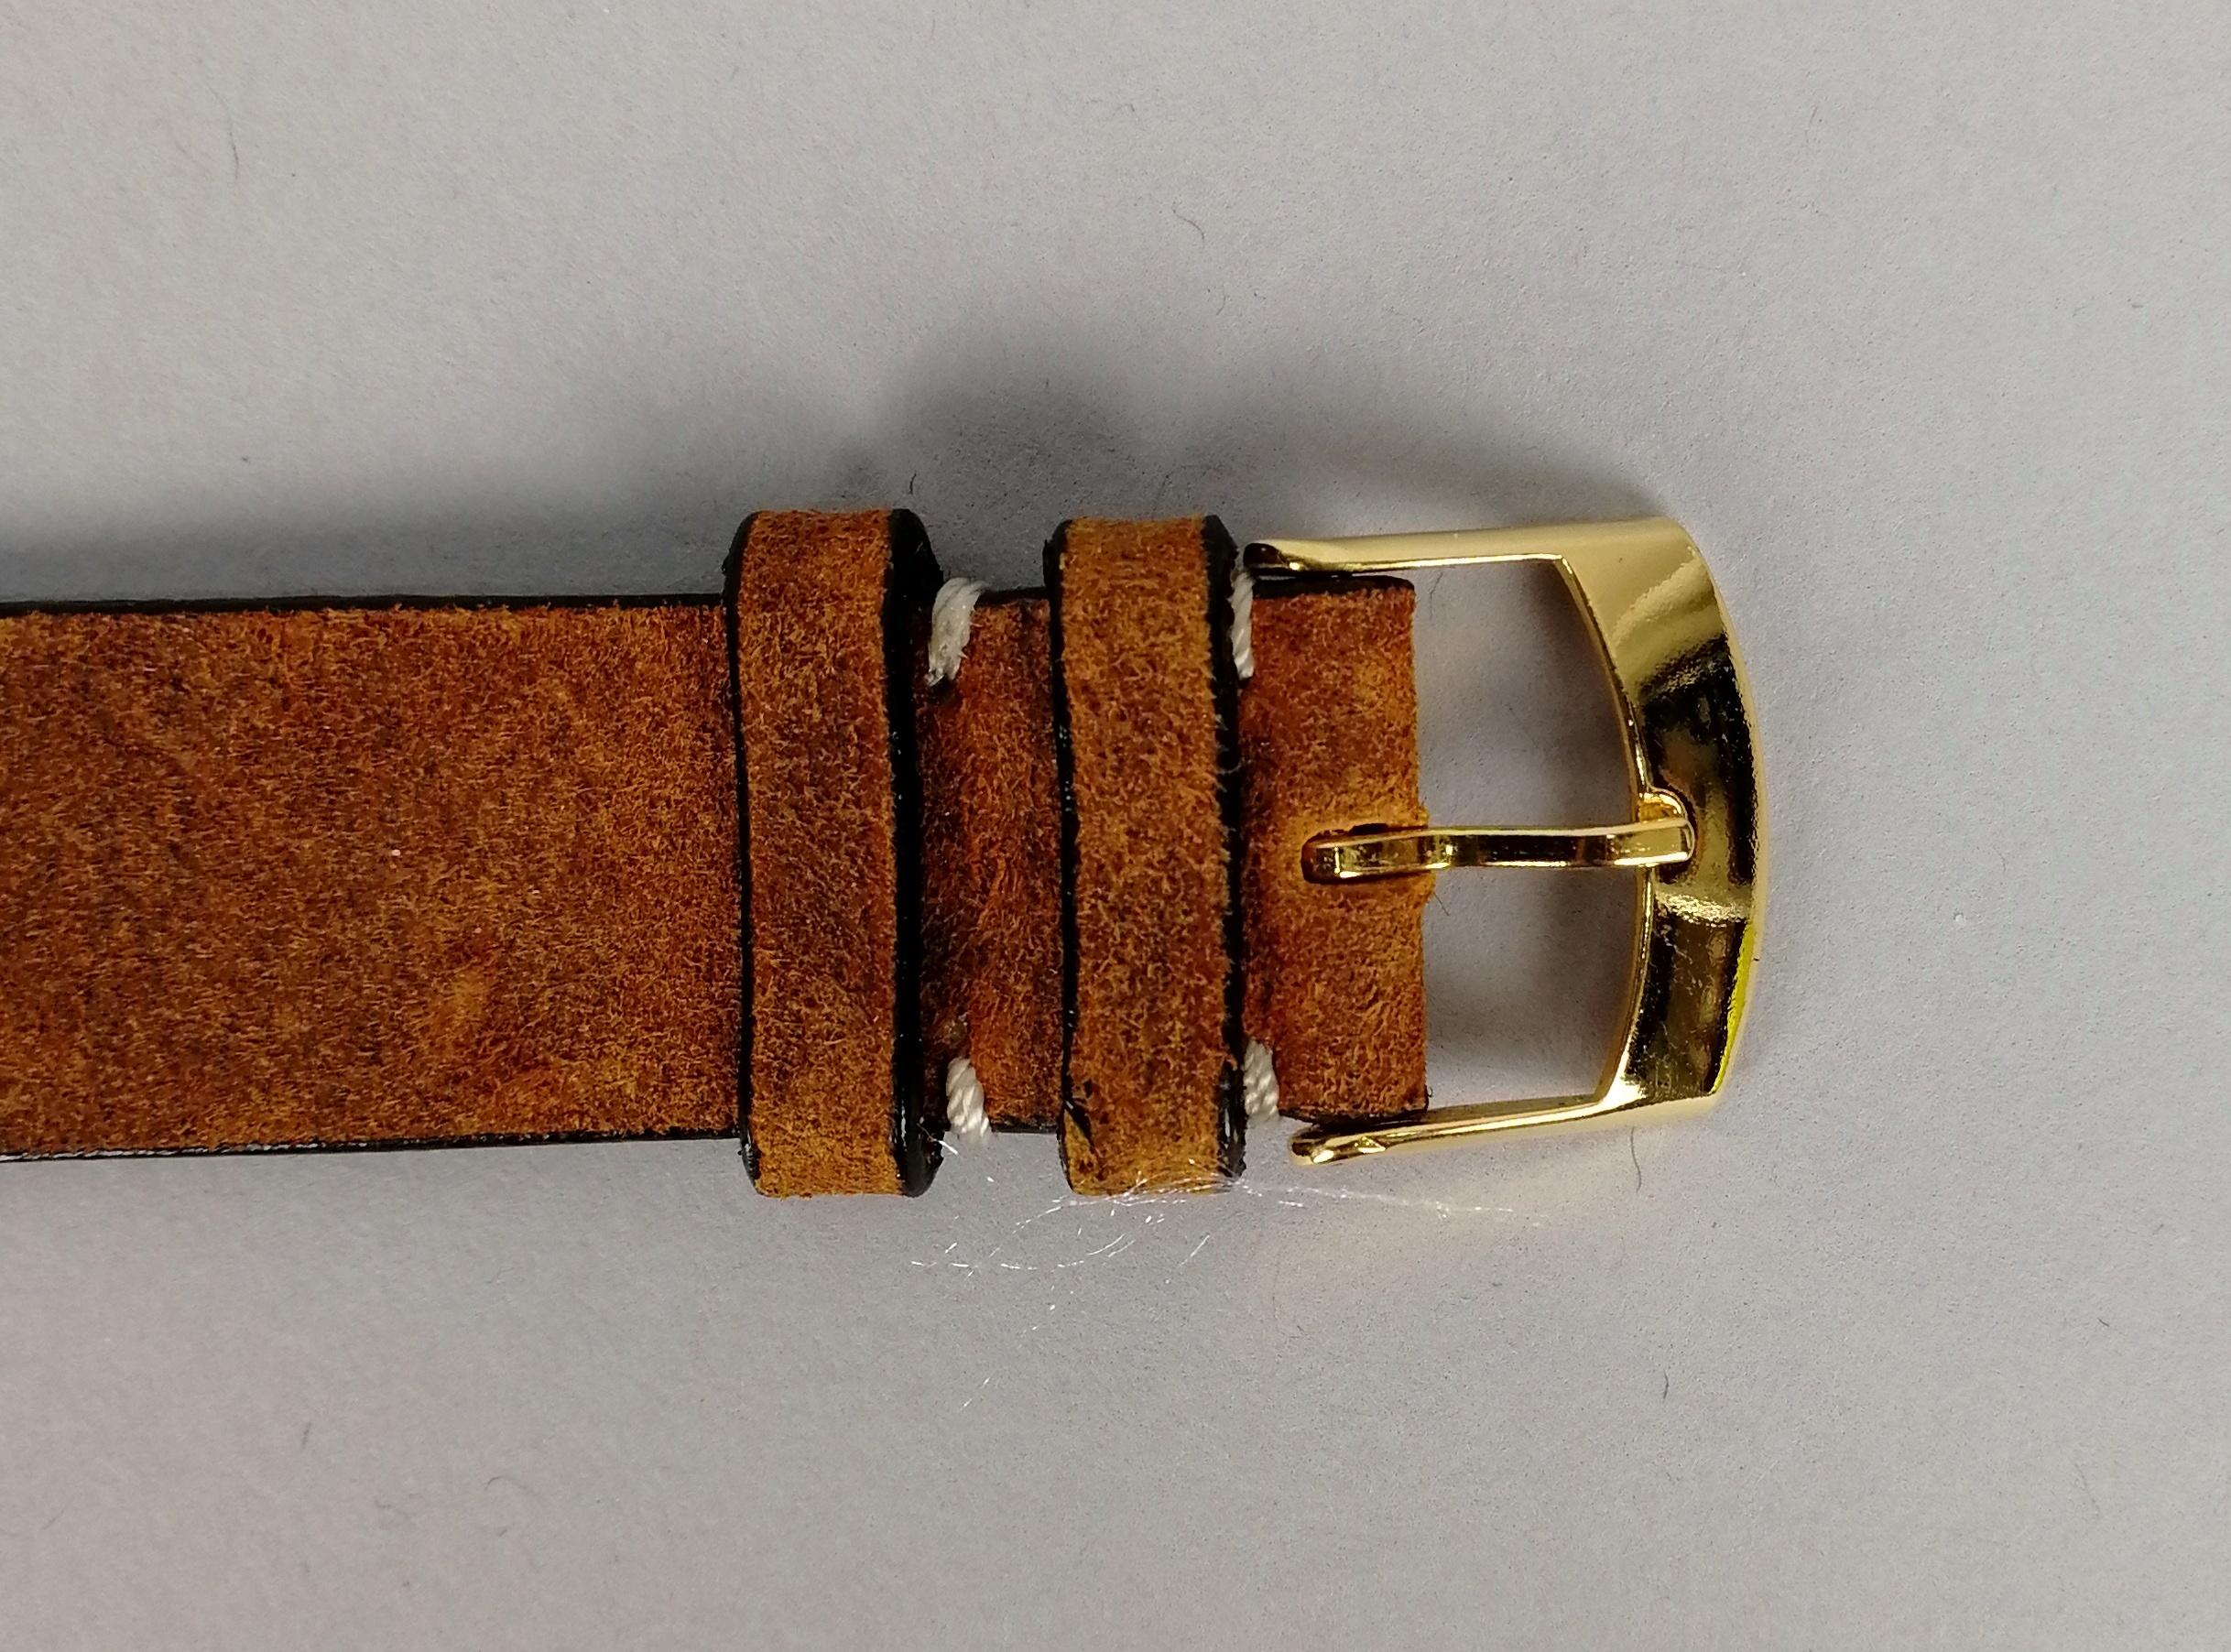 Lot 16 - CADOLA Ferrotex. Orologio da uomo in oro giallo 18 kt. a carica manuale. Cronografo a due